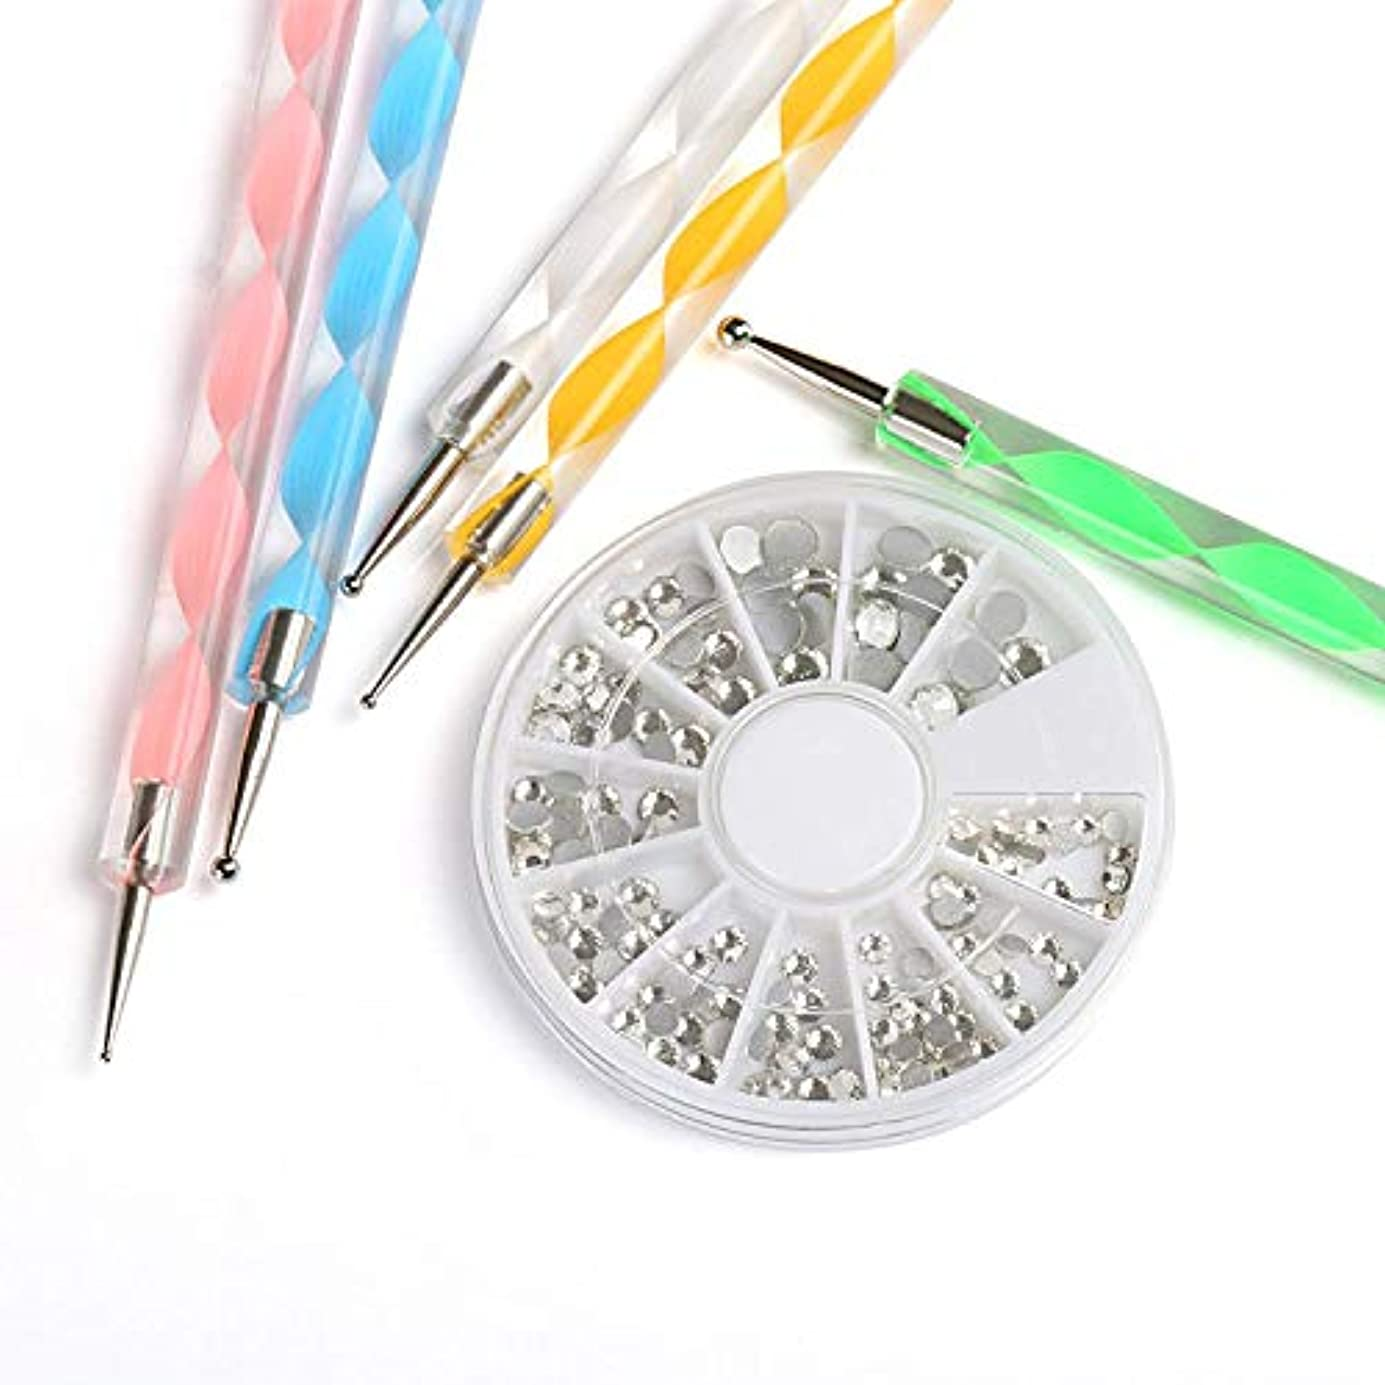 面反応する霧深いNALER ネイルデザイン ドッティングラインストーンネイルアートドットペン ドット棒 5本